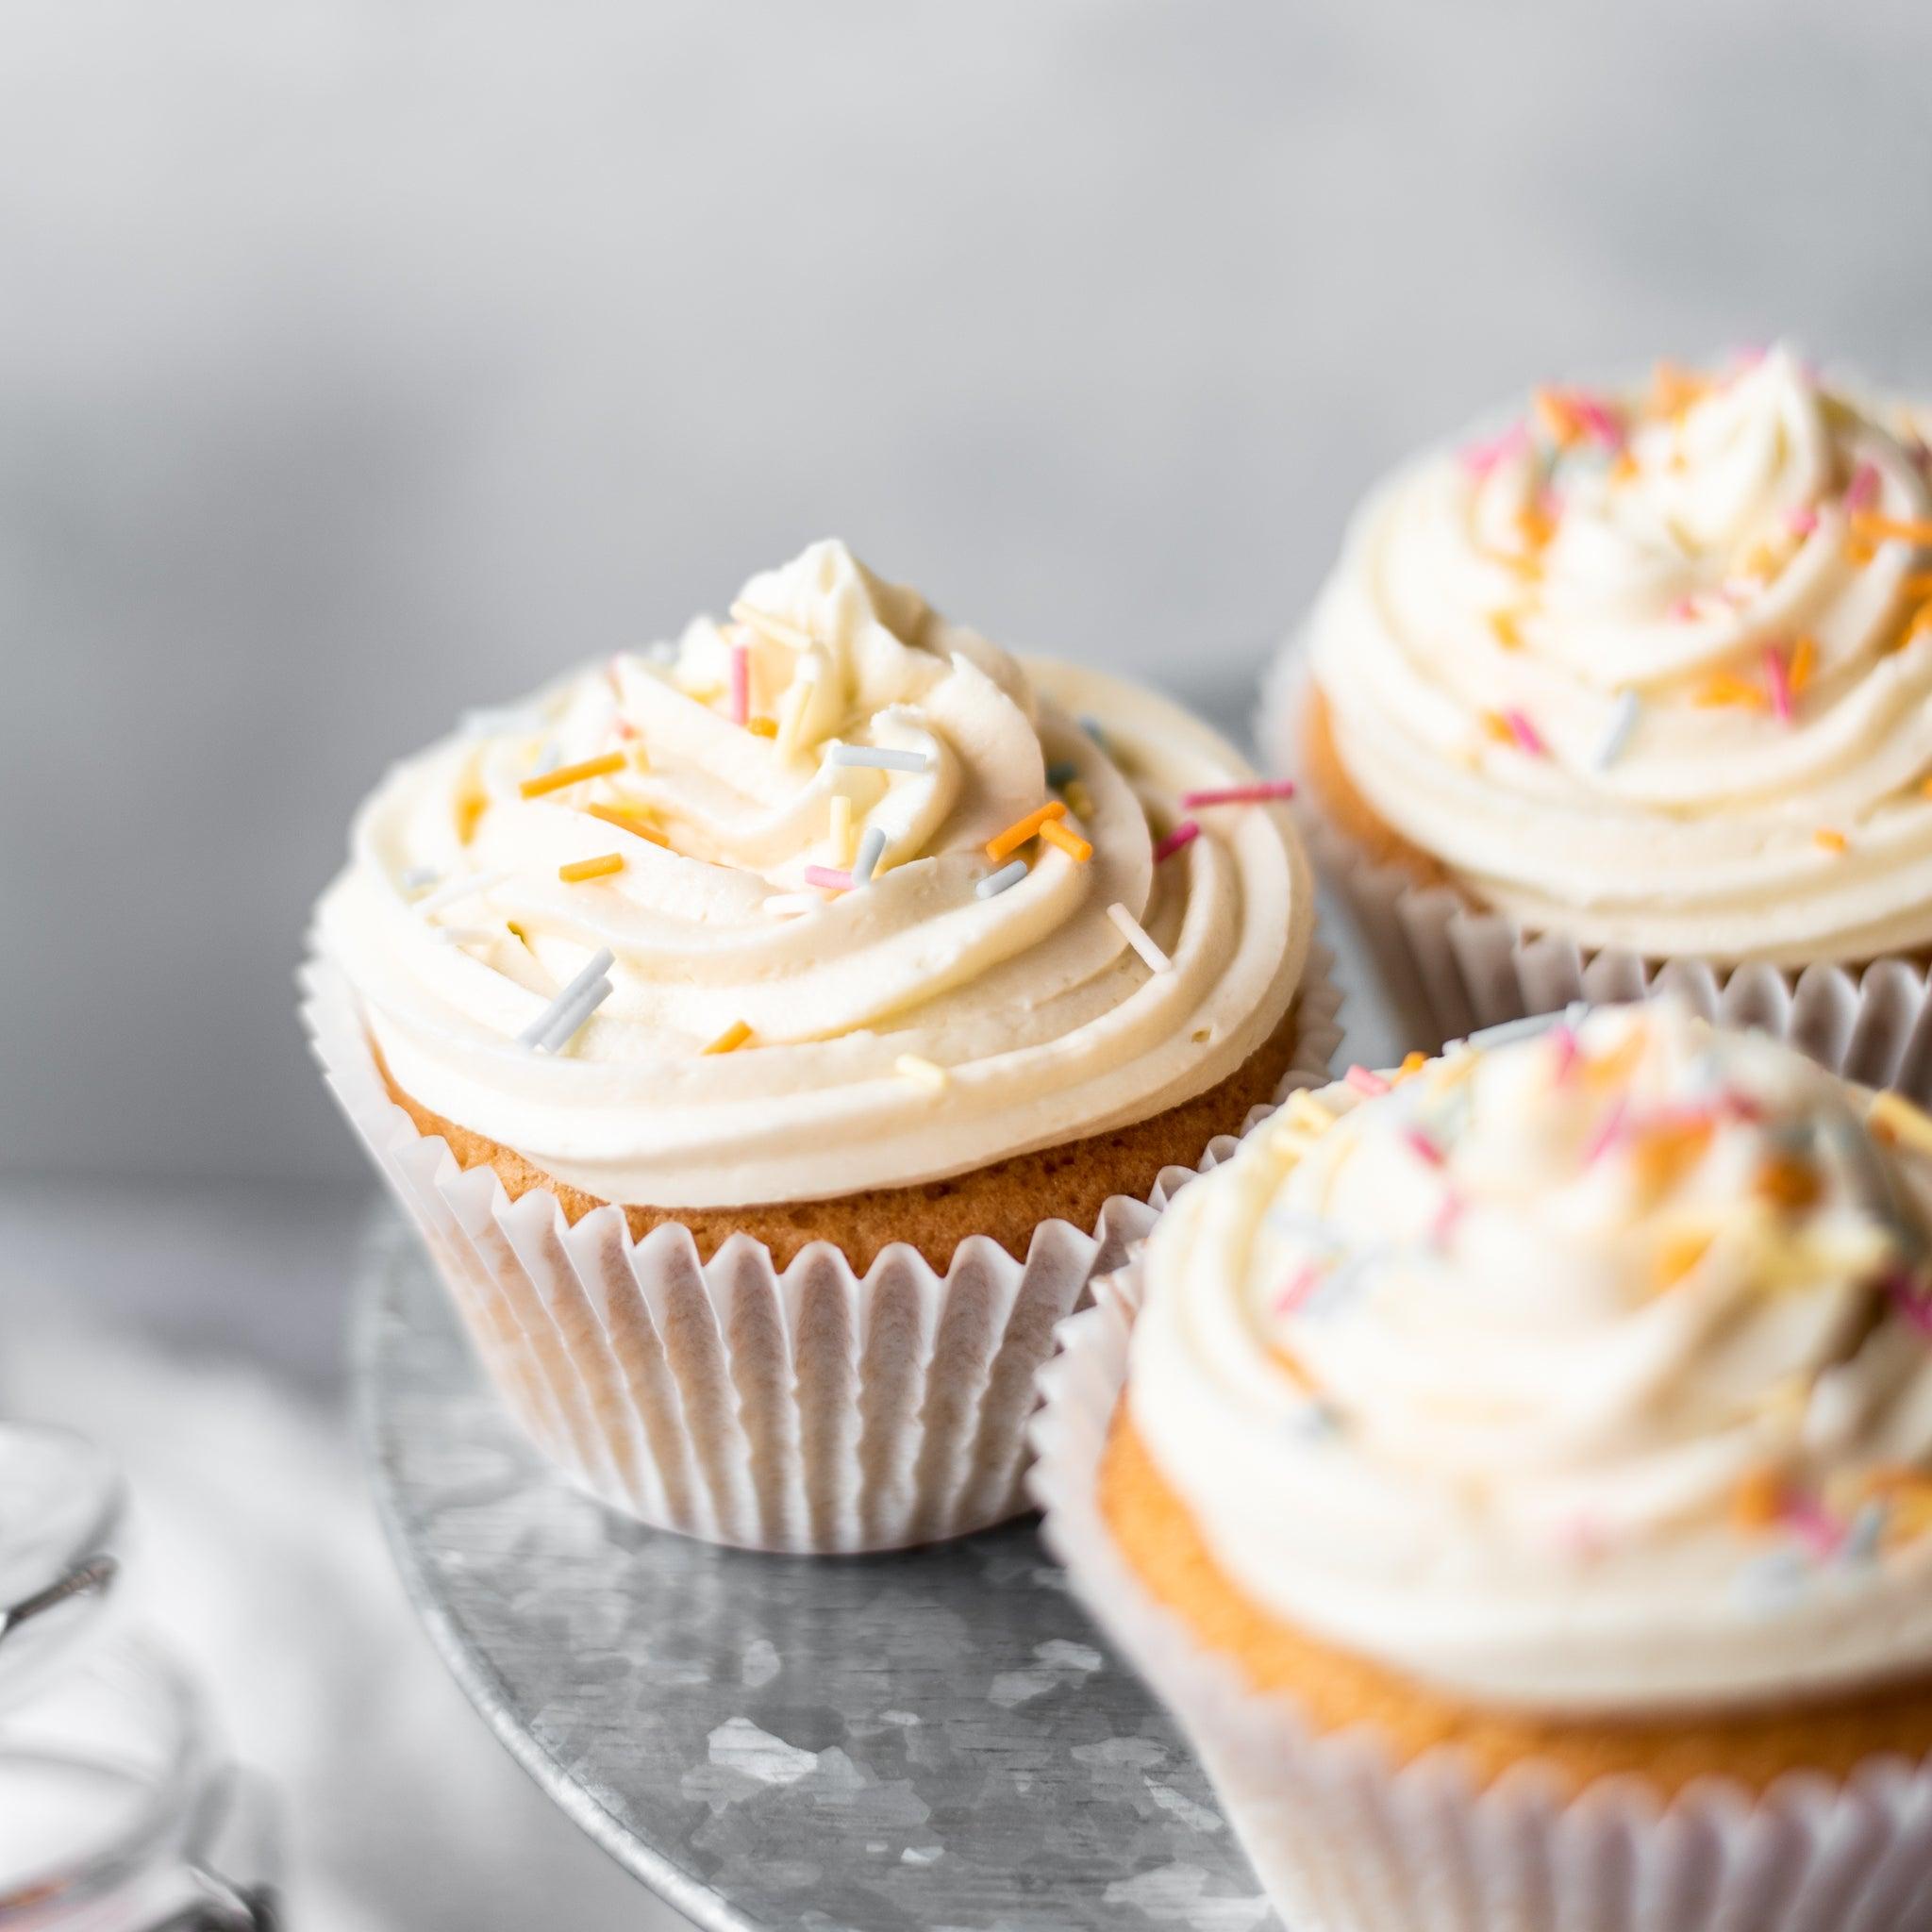 Rainbow-Pinata-Cupcakes-SQUARE-5.jpg